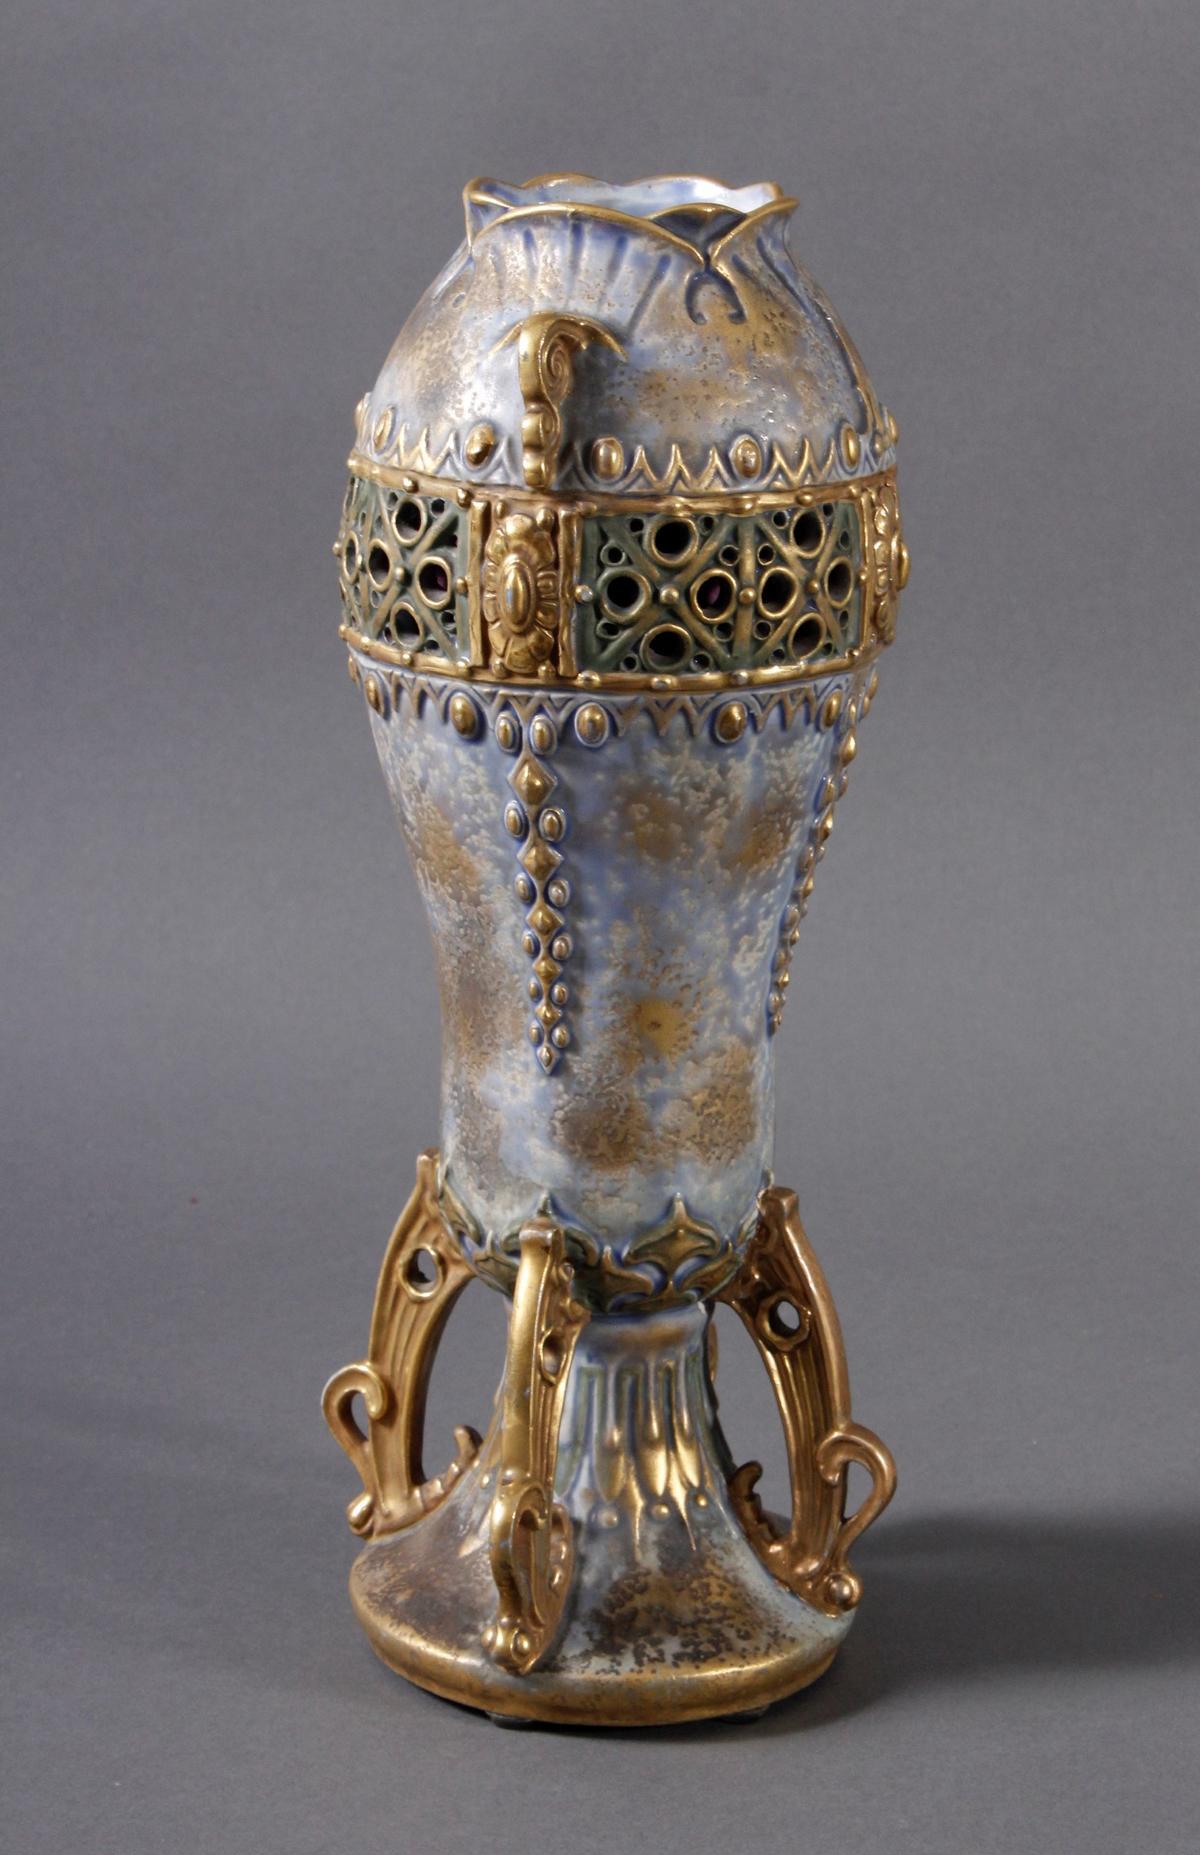 Jugendstil Keramikvase Amphora Austria